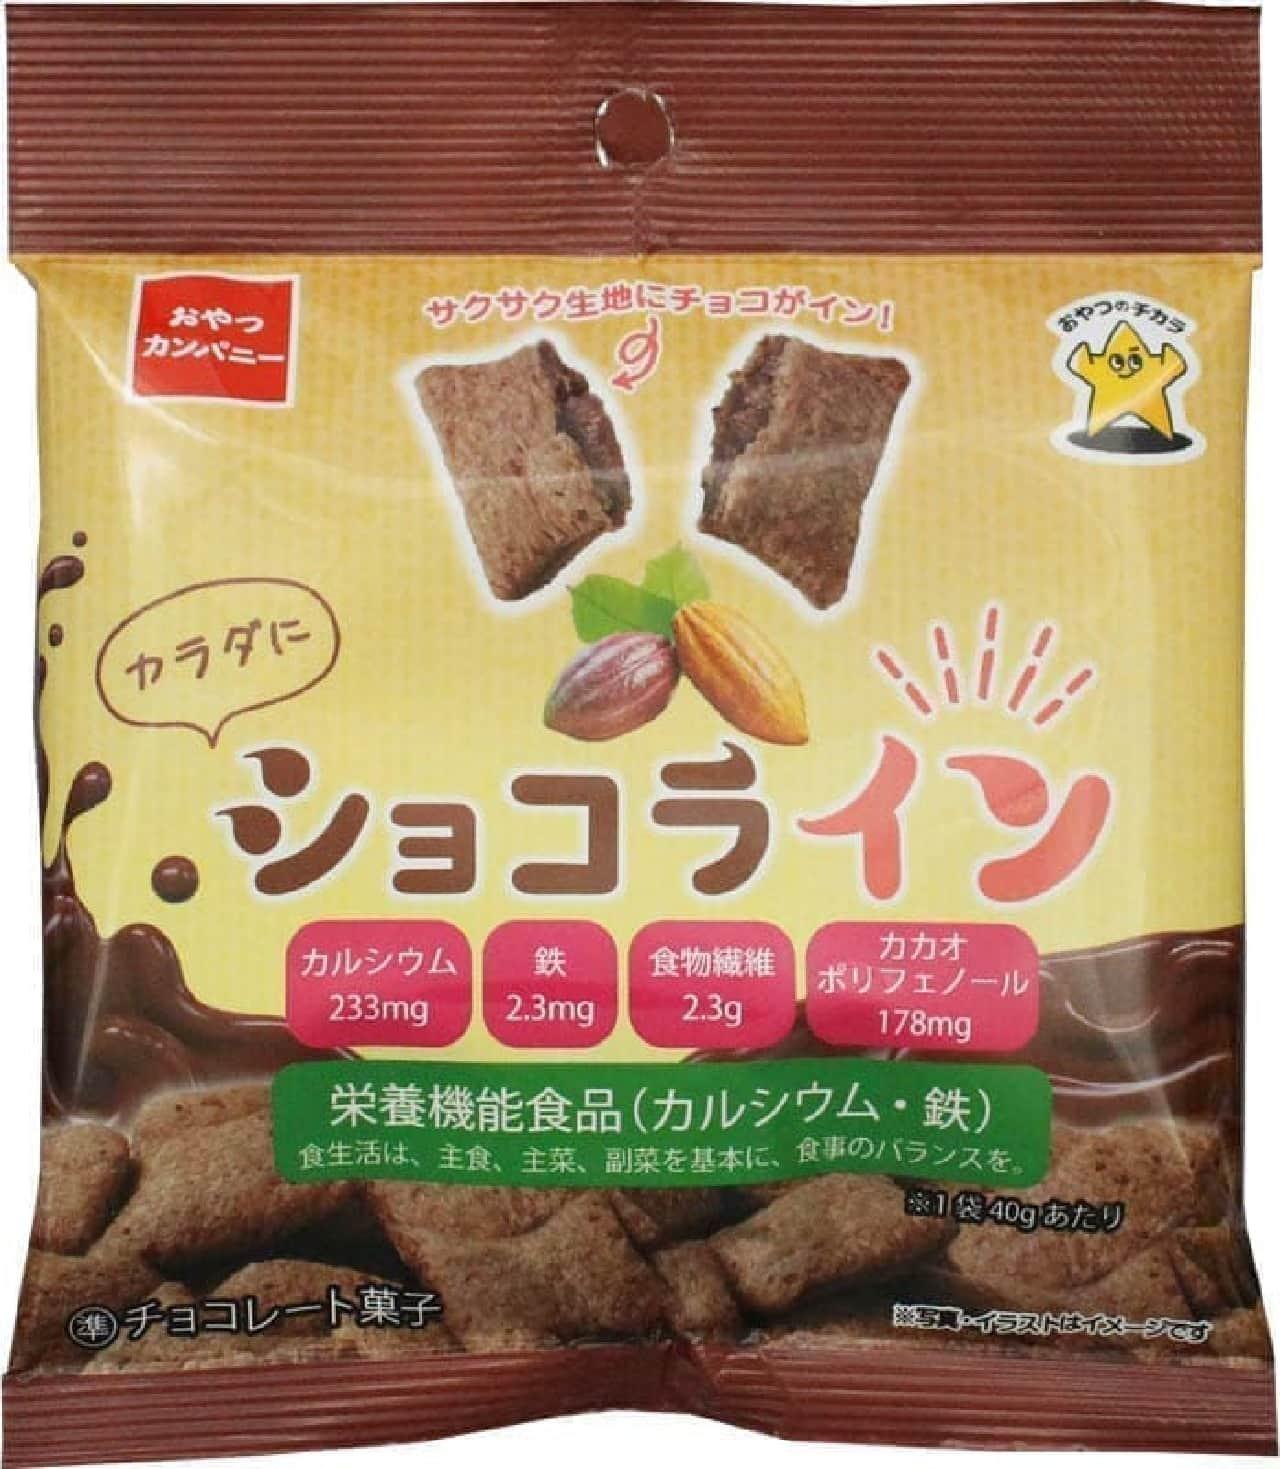 おやつカンパニー初の栄養機能食品「ショコライン」